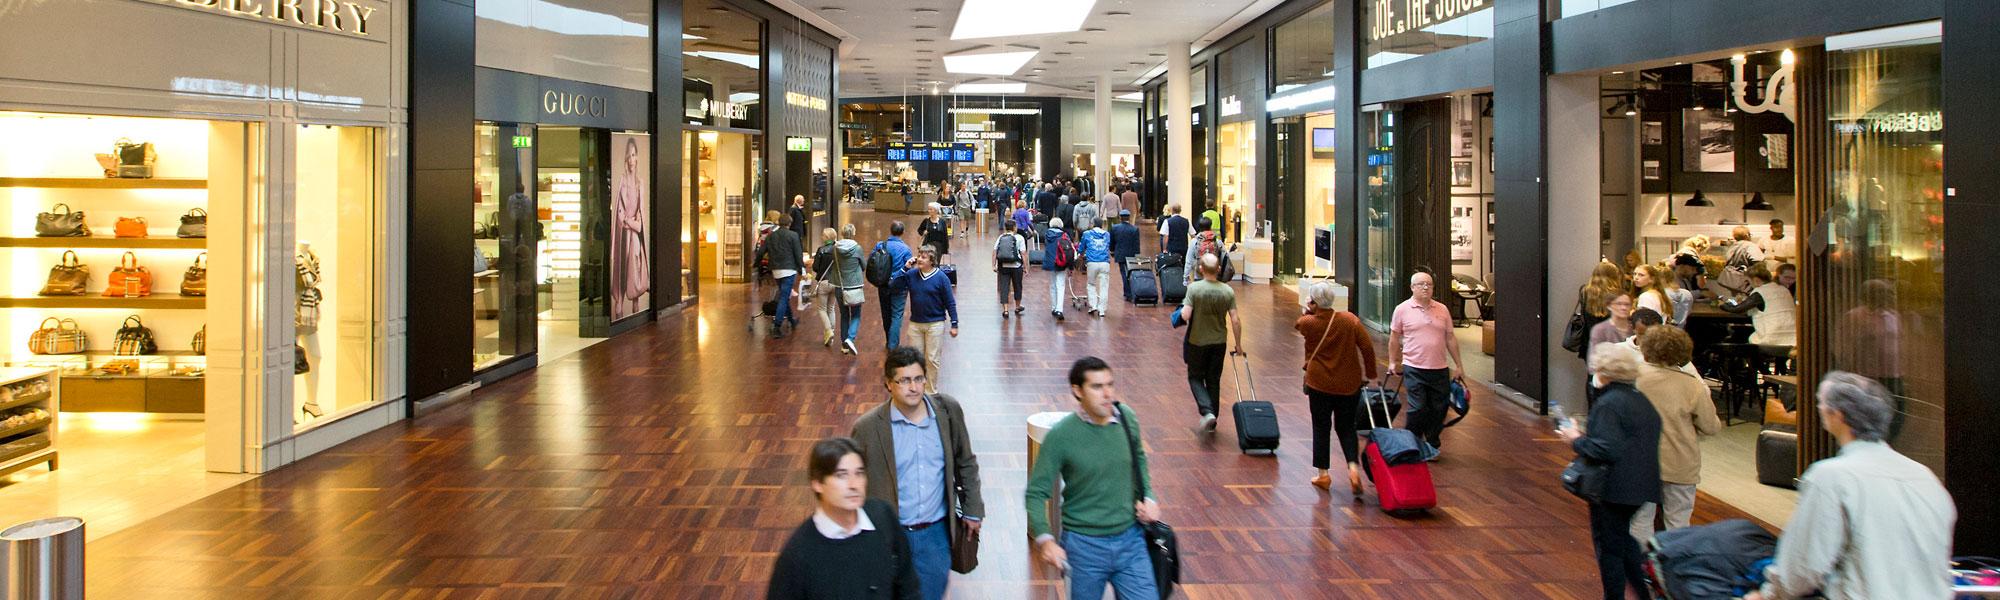 Lufthavn shop kastrup 152 kr.